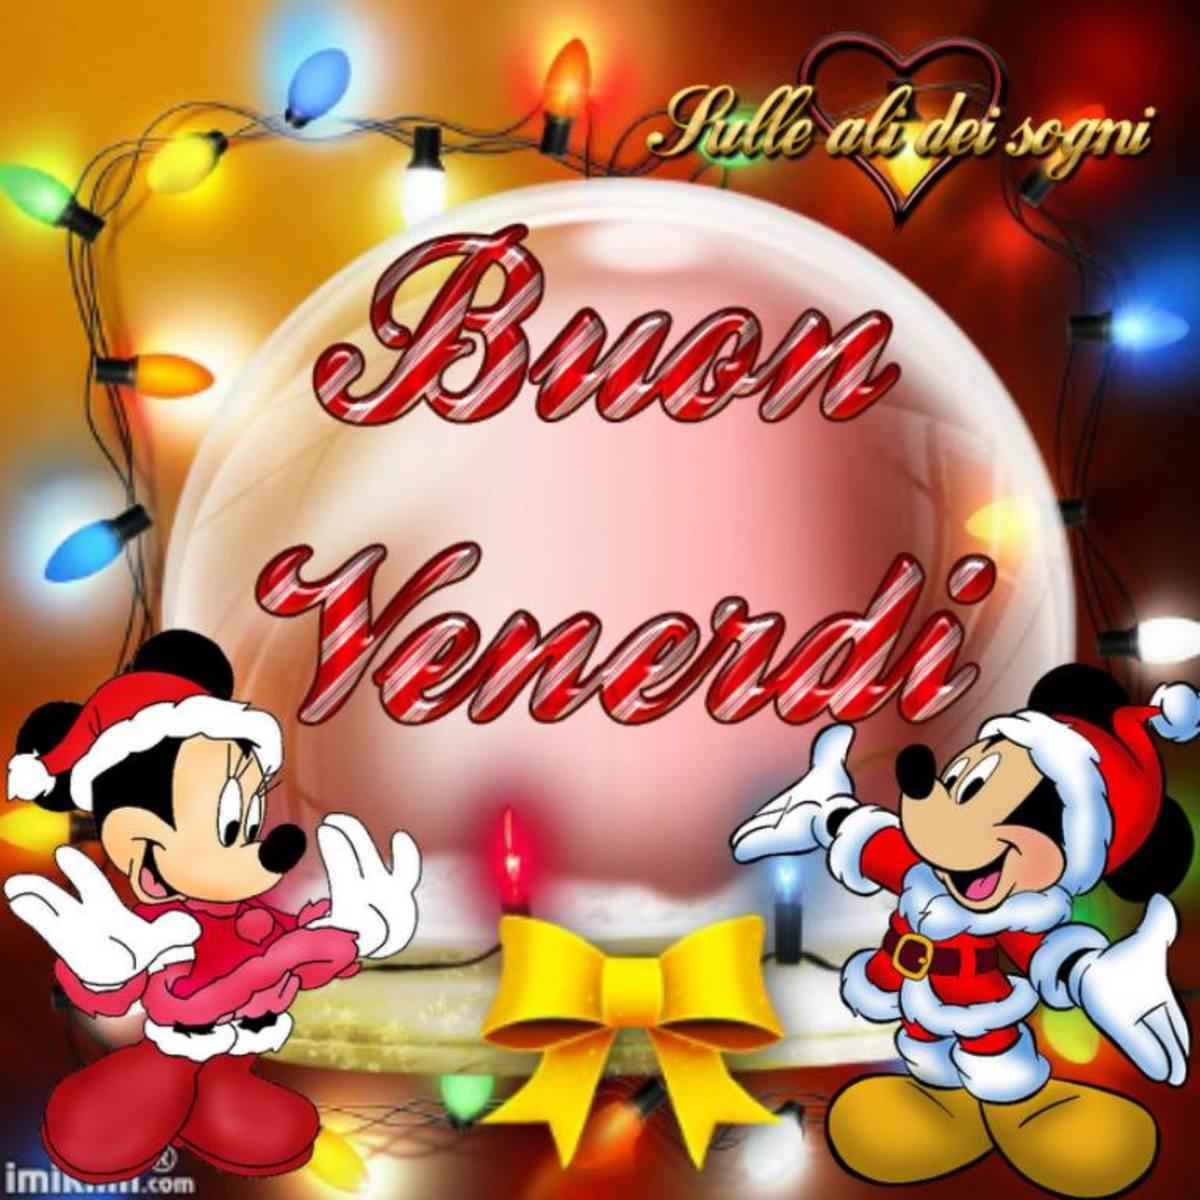 Buon Venerdì Immagini Natale Buongiornissimocaffe It